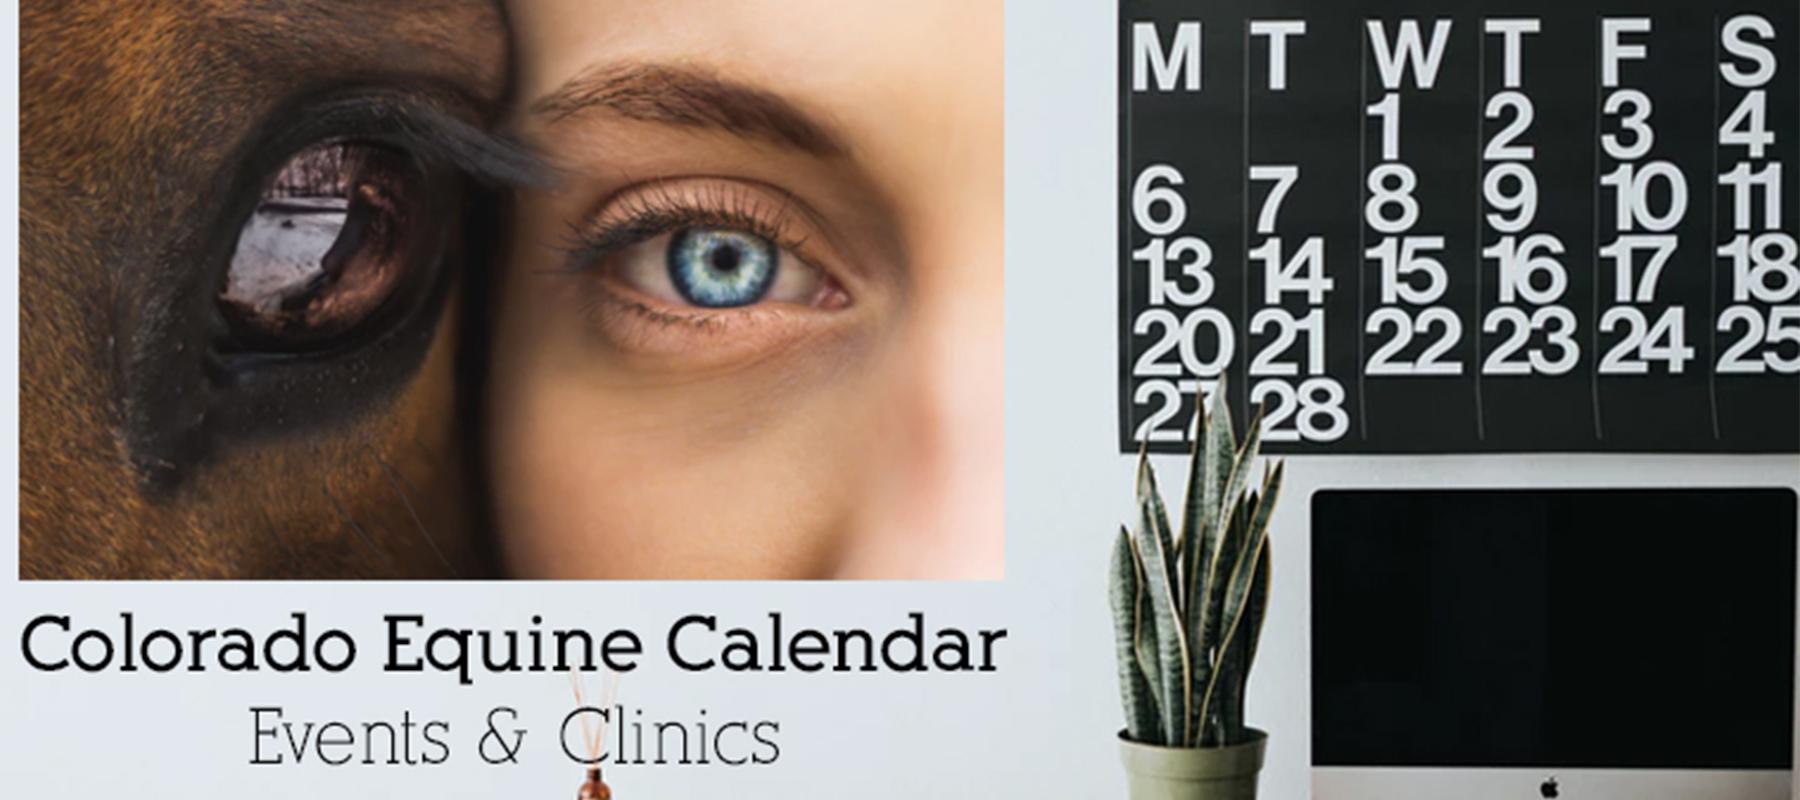 Calendar of Colorado Equine Events